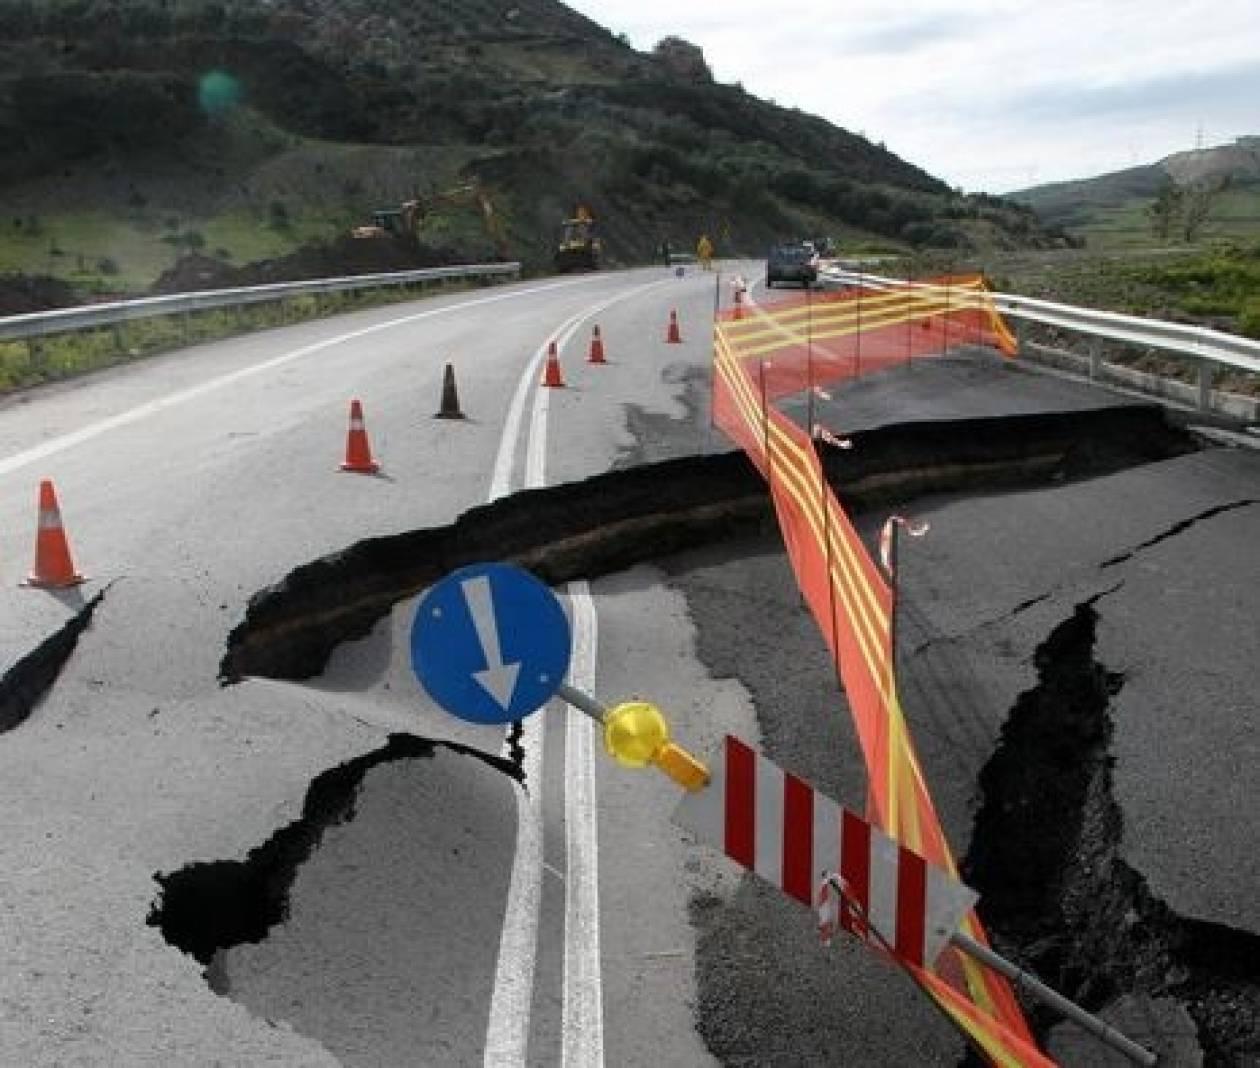 Διακοπή κυκλοφορίας λόγω καθίζησης στο δρόμο Μεγαλόπολης- Ακόβου